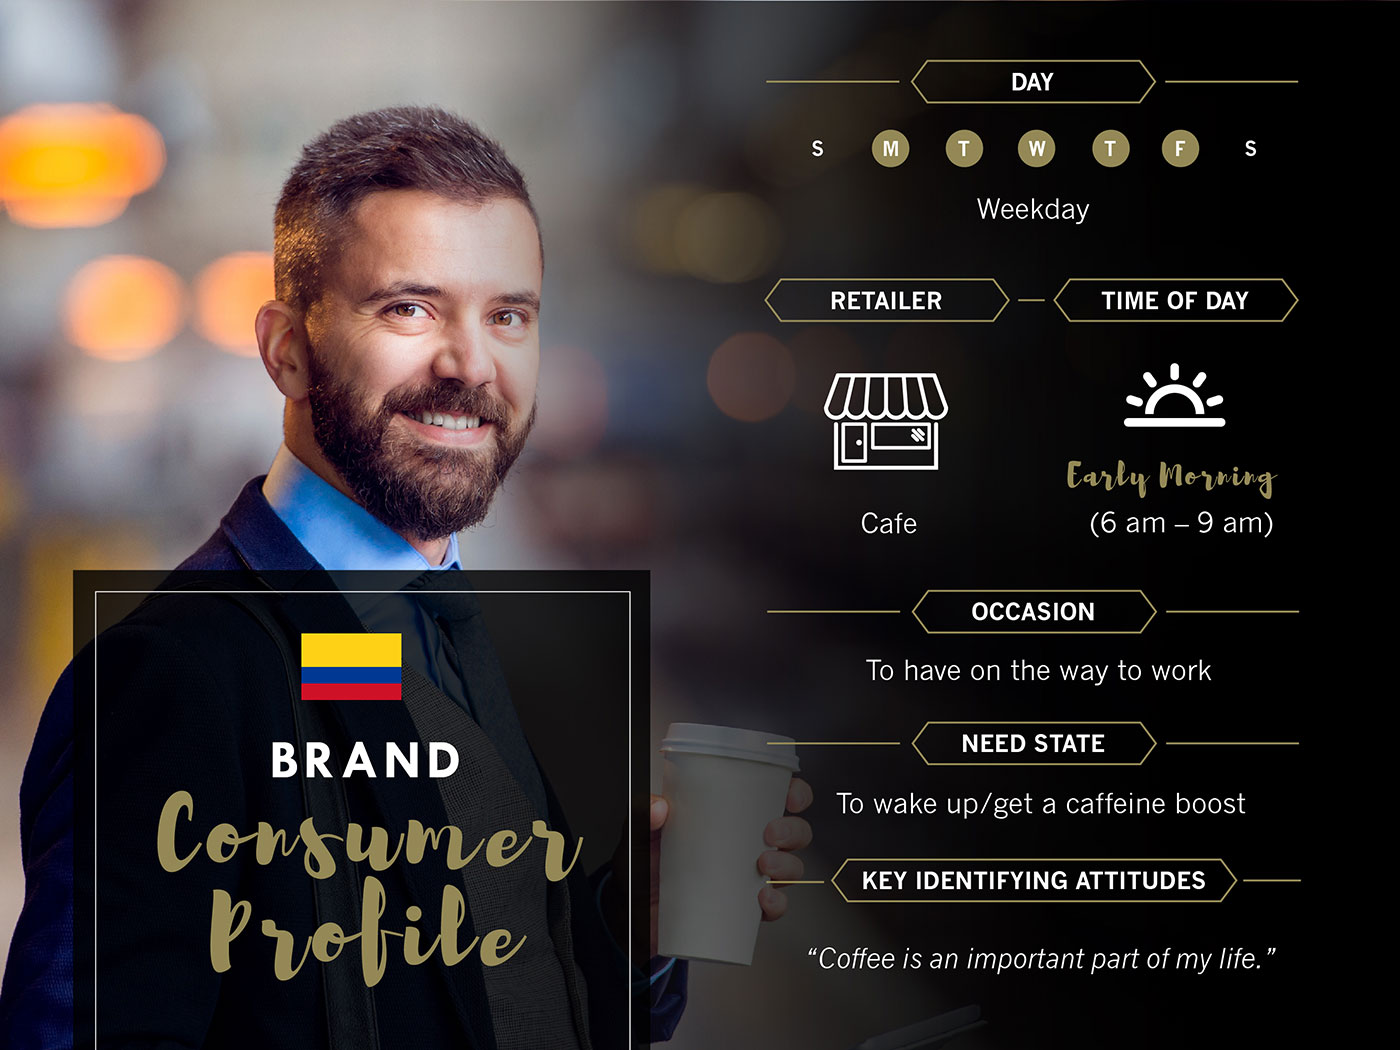 Market Research - Persona - Brand Consumer Profile